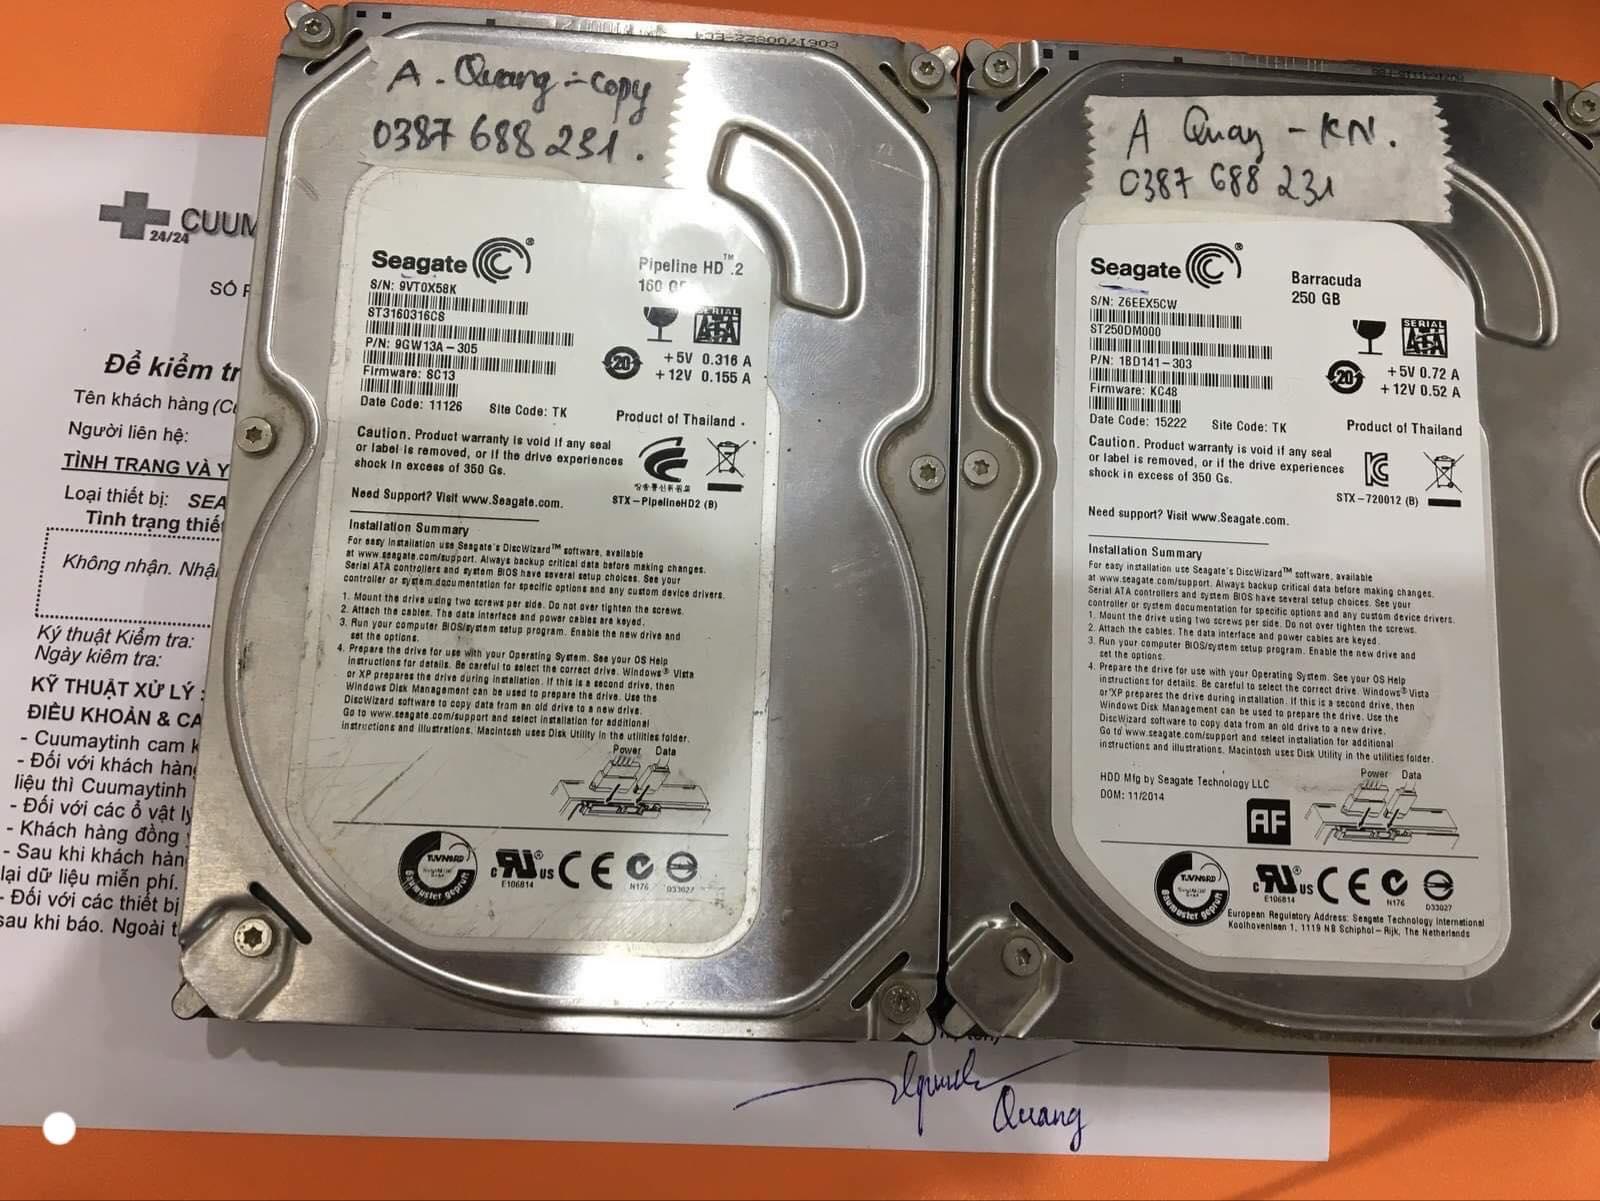 Cứu dữ liệu ổ cứng Seagate 250GB không nhận 04/01/2020 - cuumaytinh